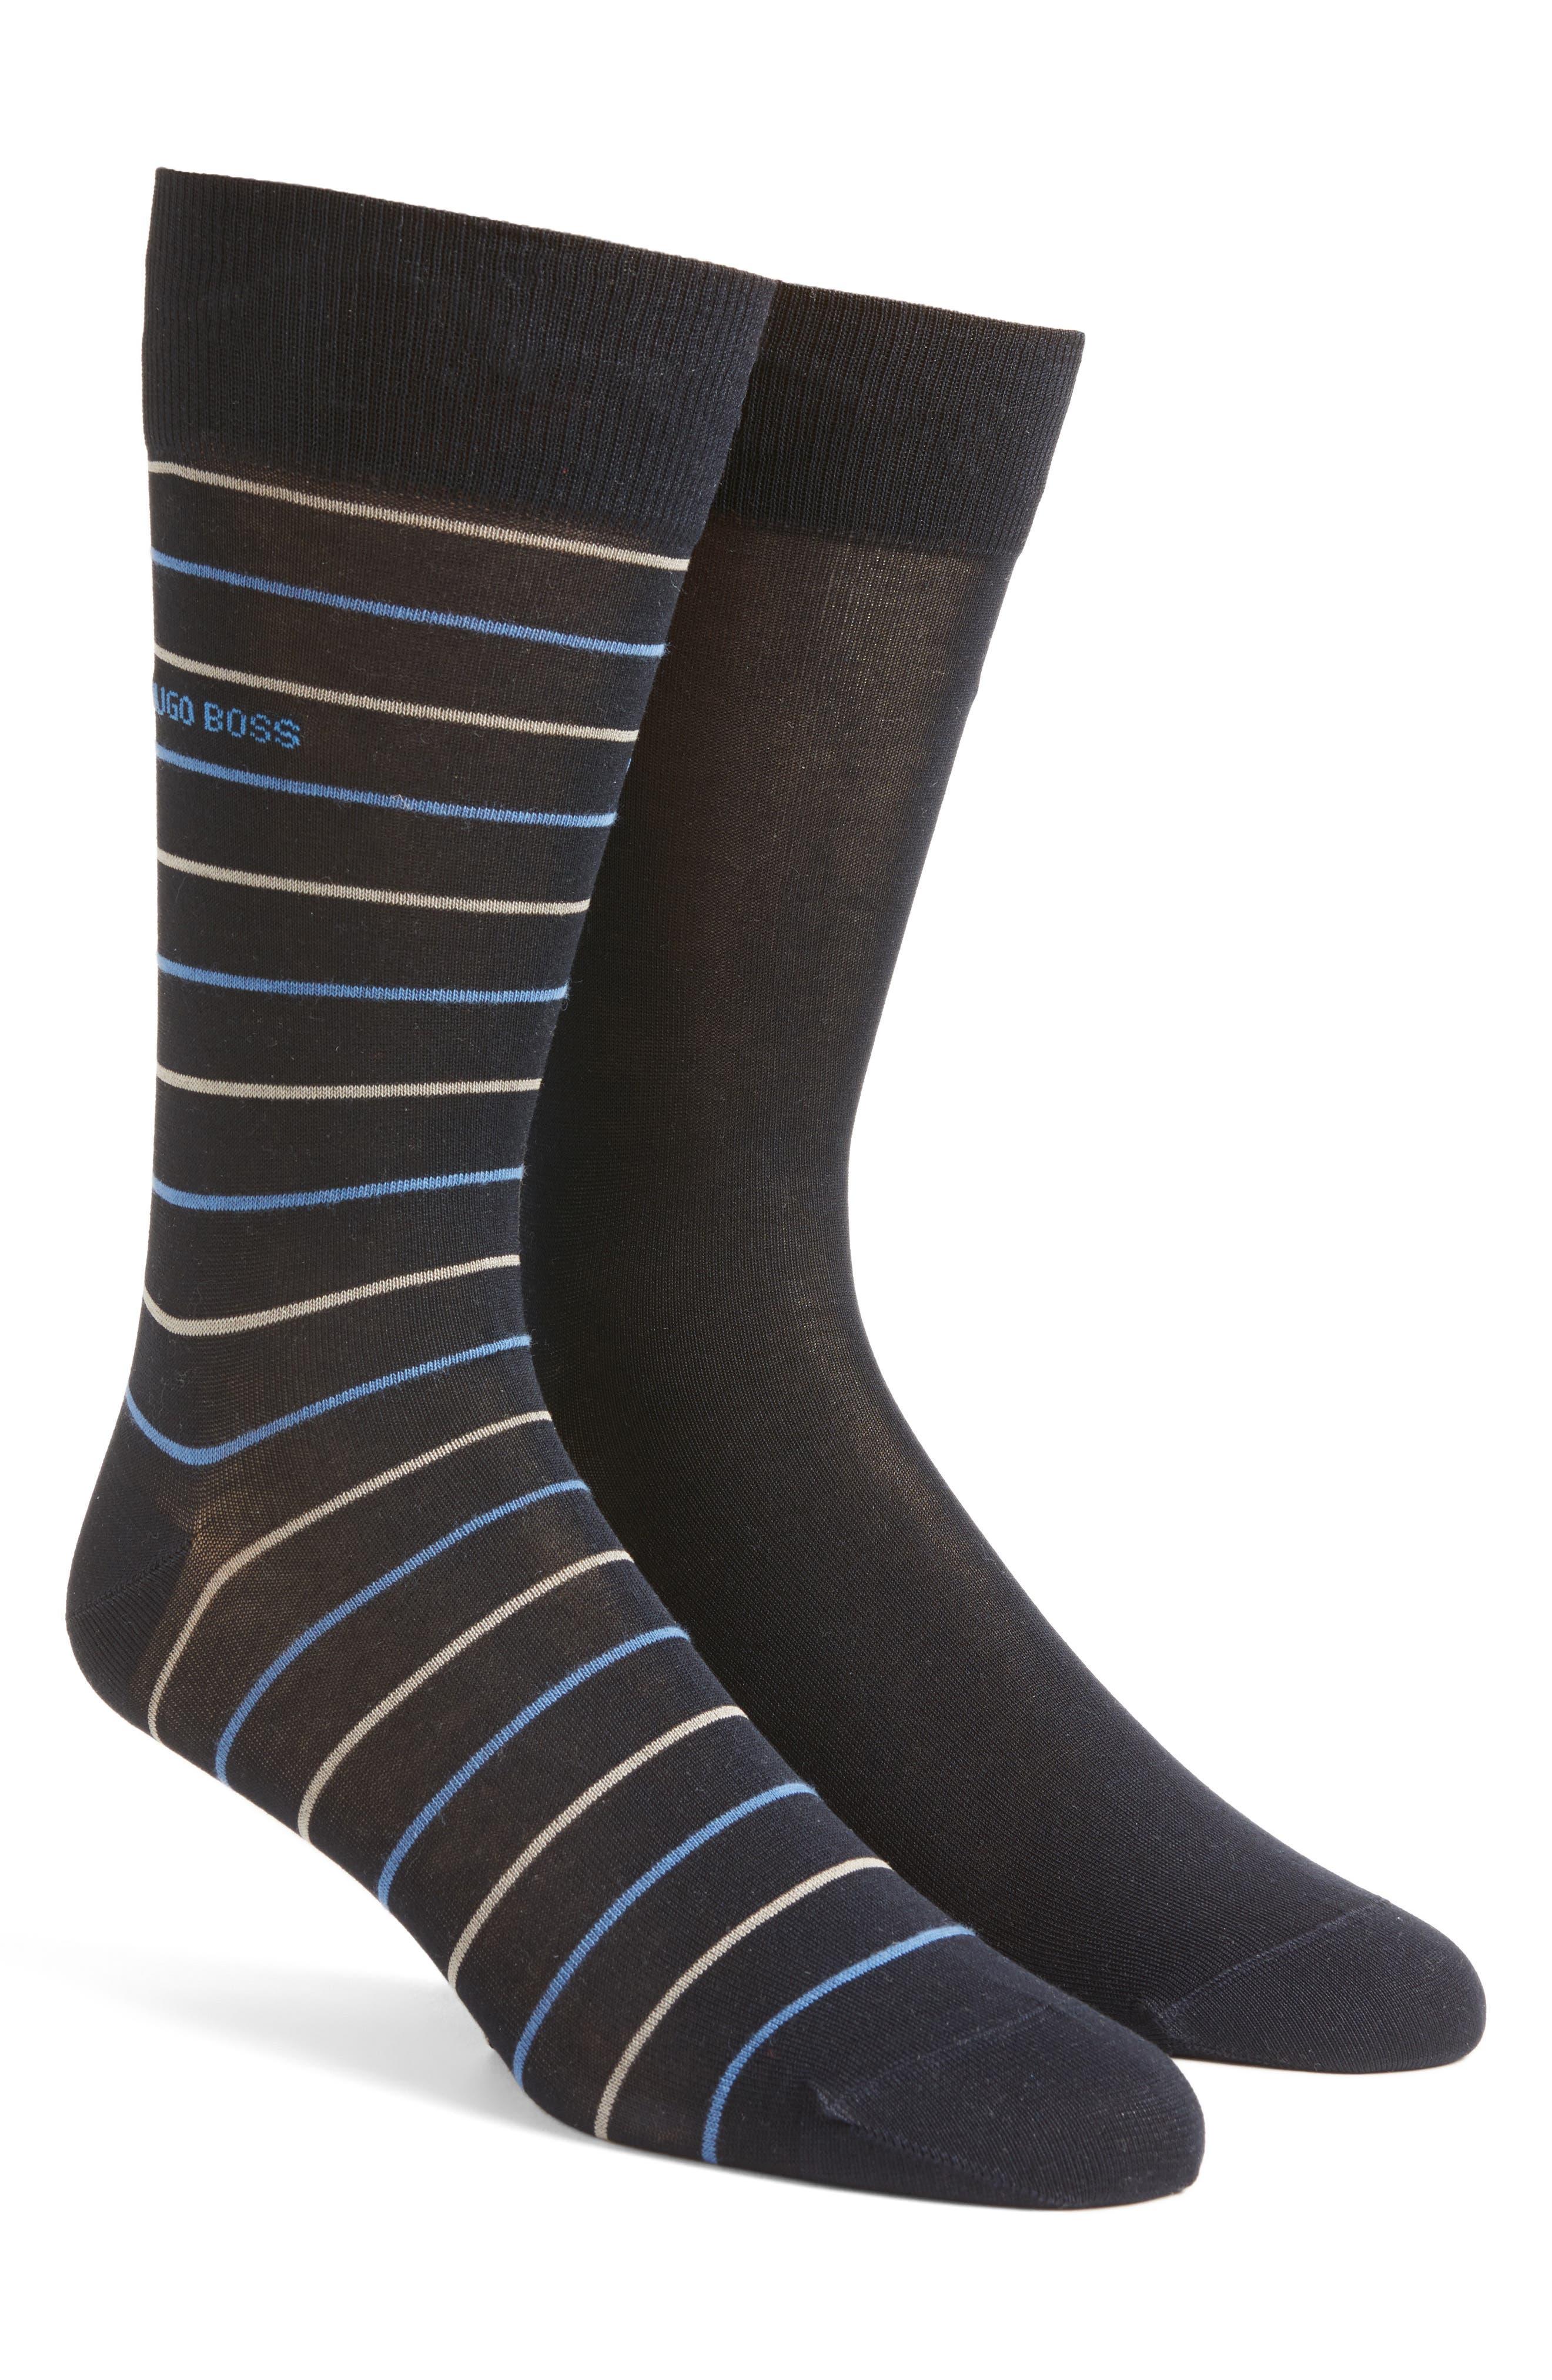 BOSS 2-Pack Crew Socks